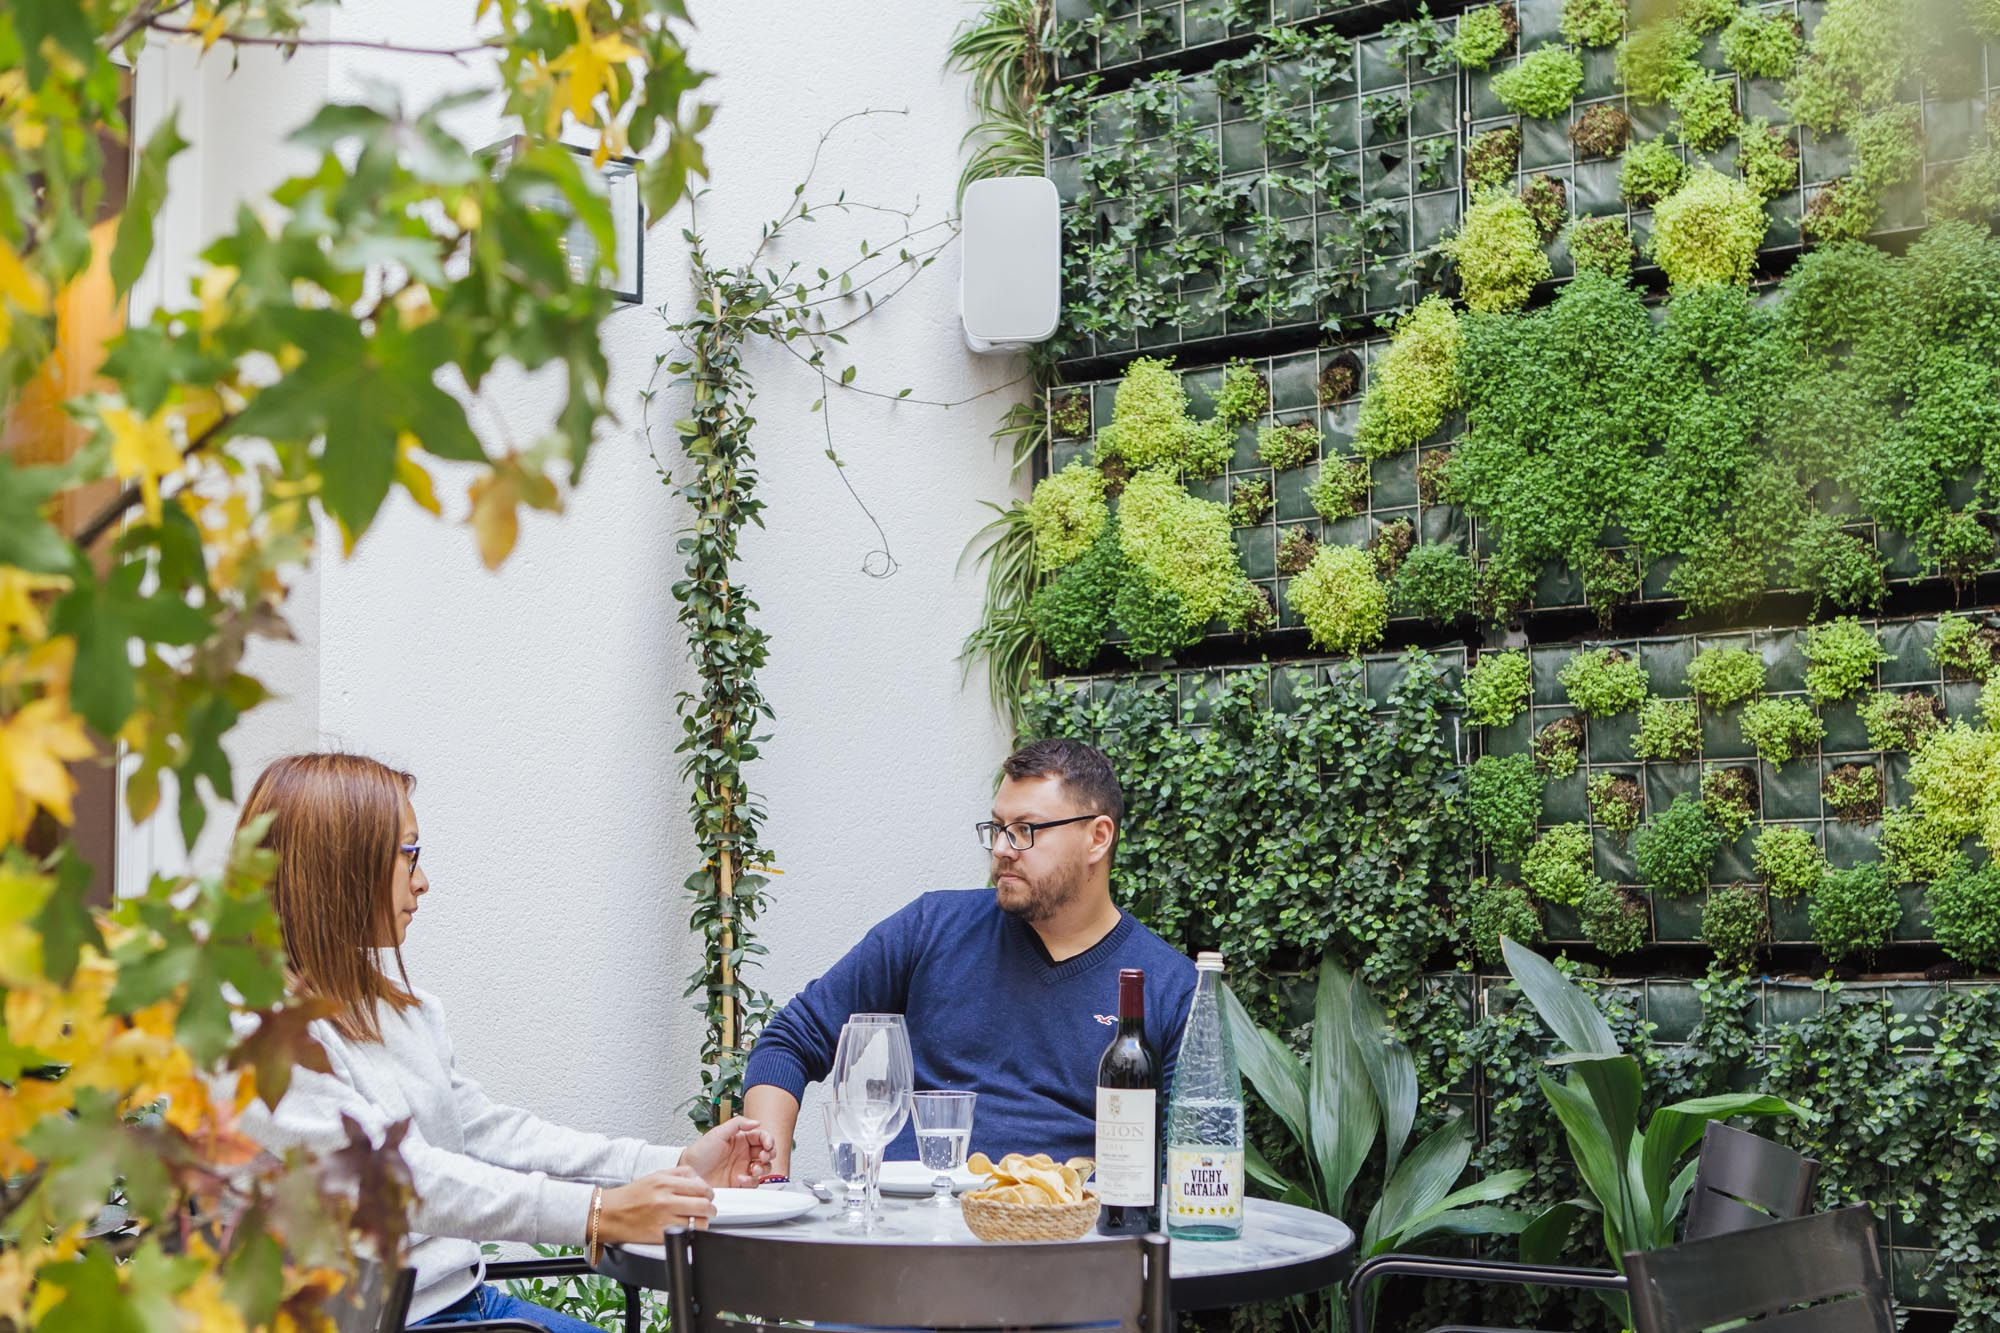 La terraza del restaurante 'Puntarena', ubicada en el patio interior del edificio, tiene un jardín vertical natural y va a estar abierta todo el año con estufas para no pasar frío.